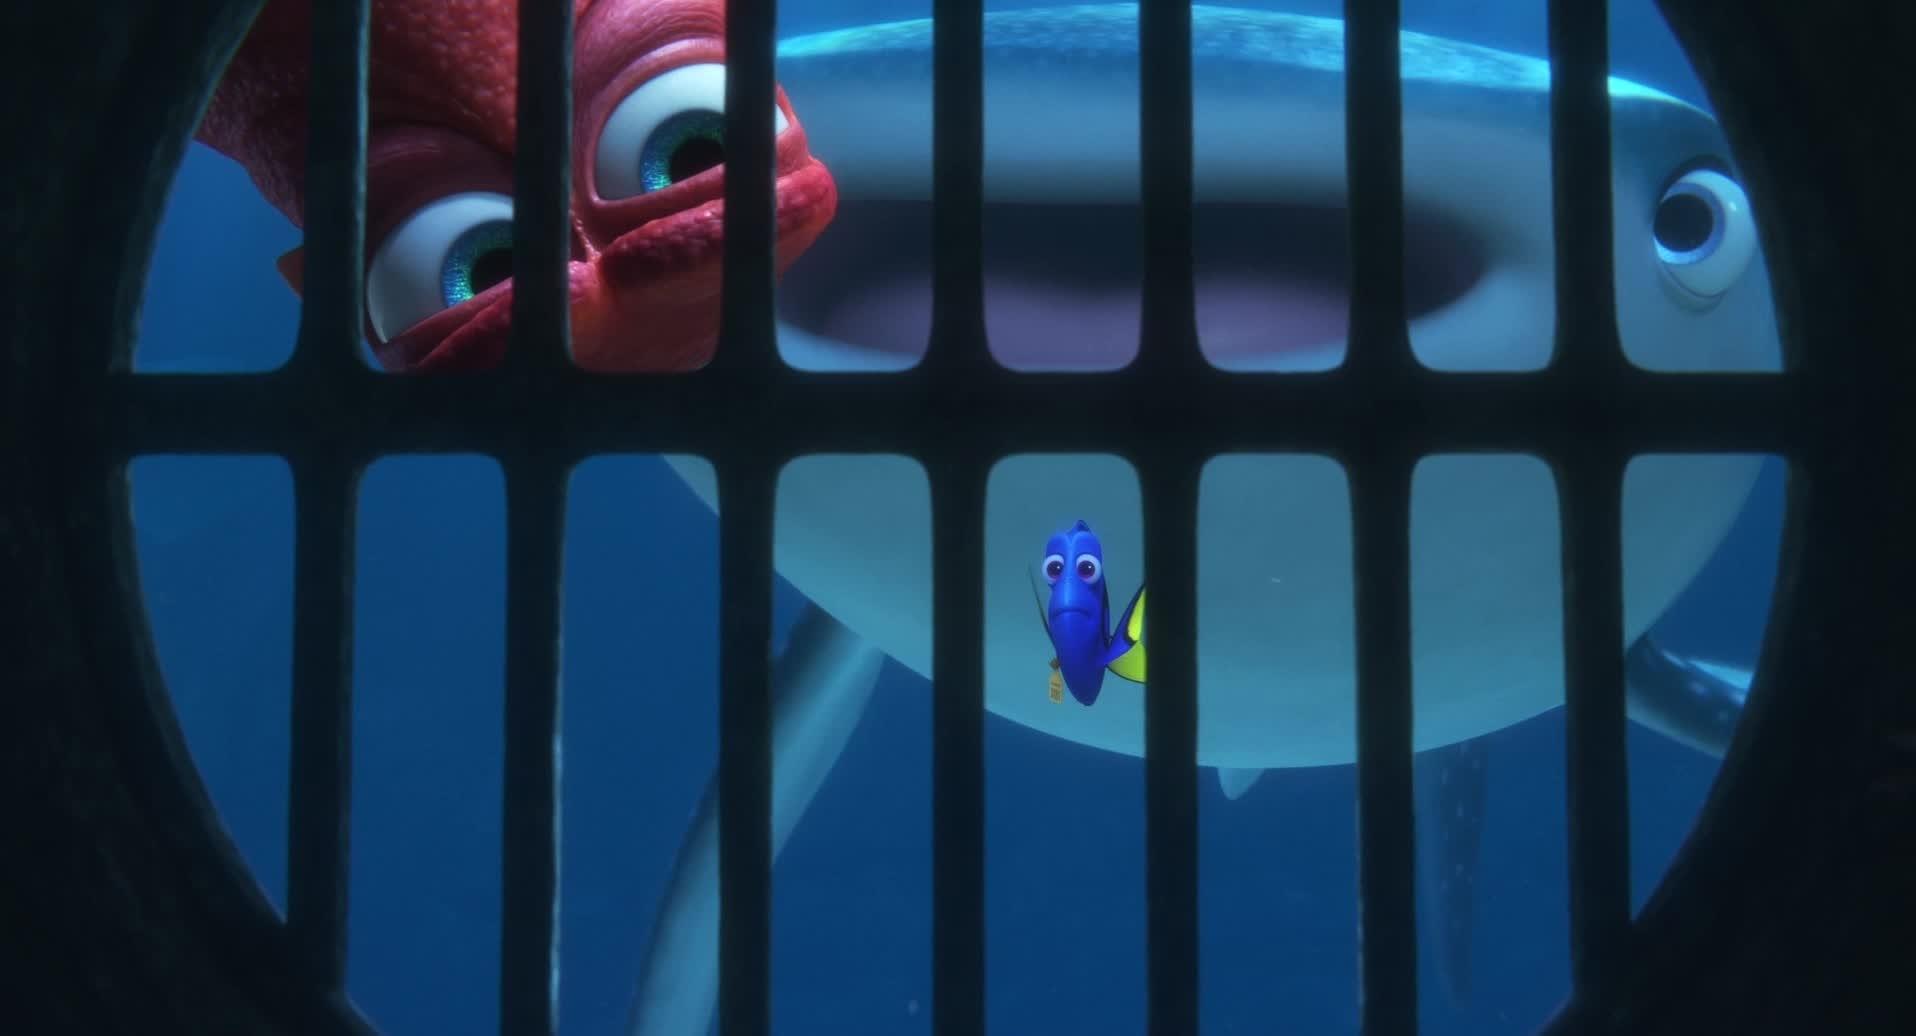 Alla ricerca di Dory - Vai attraverso i tubi